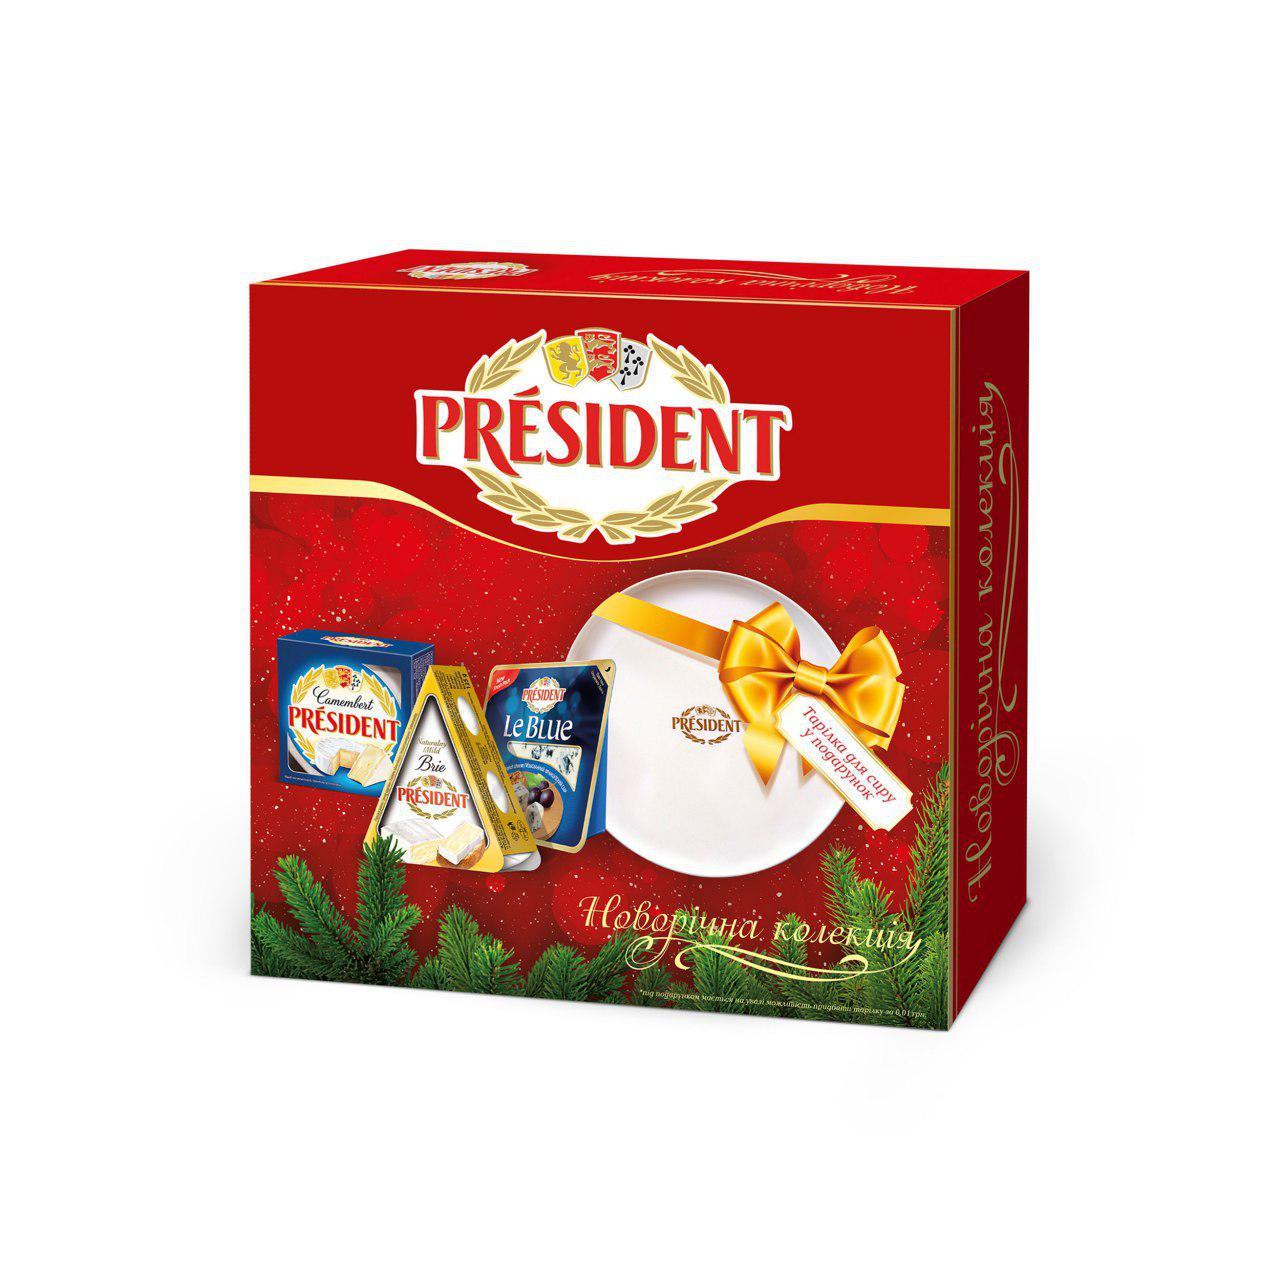 Набір сирів Президент Камамбер 90г, Брі 125г, Ле Блю 100г з подаруноком